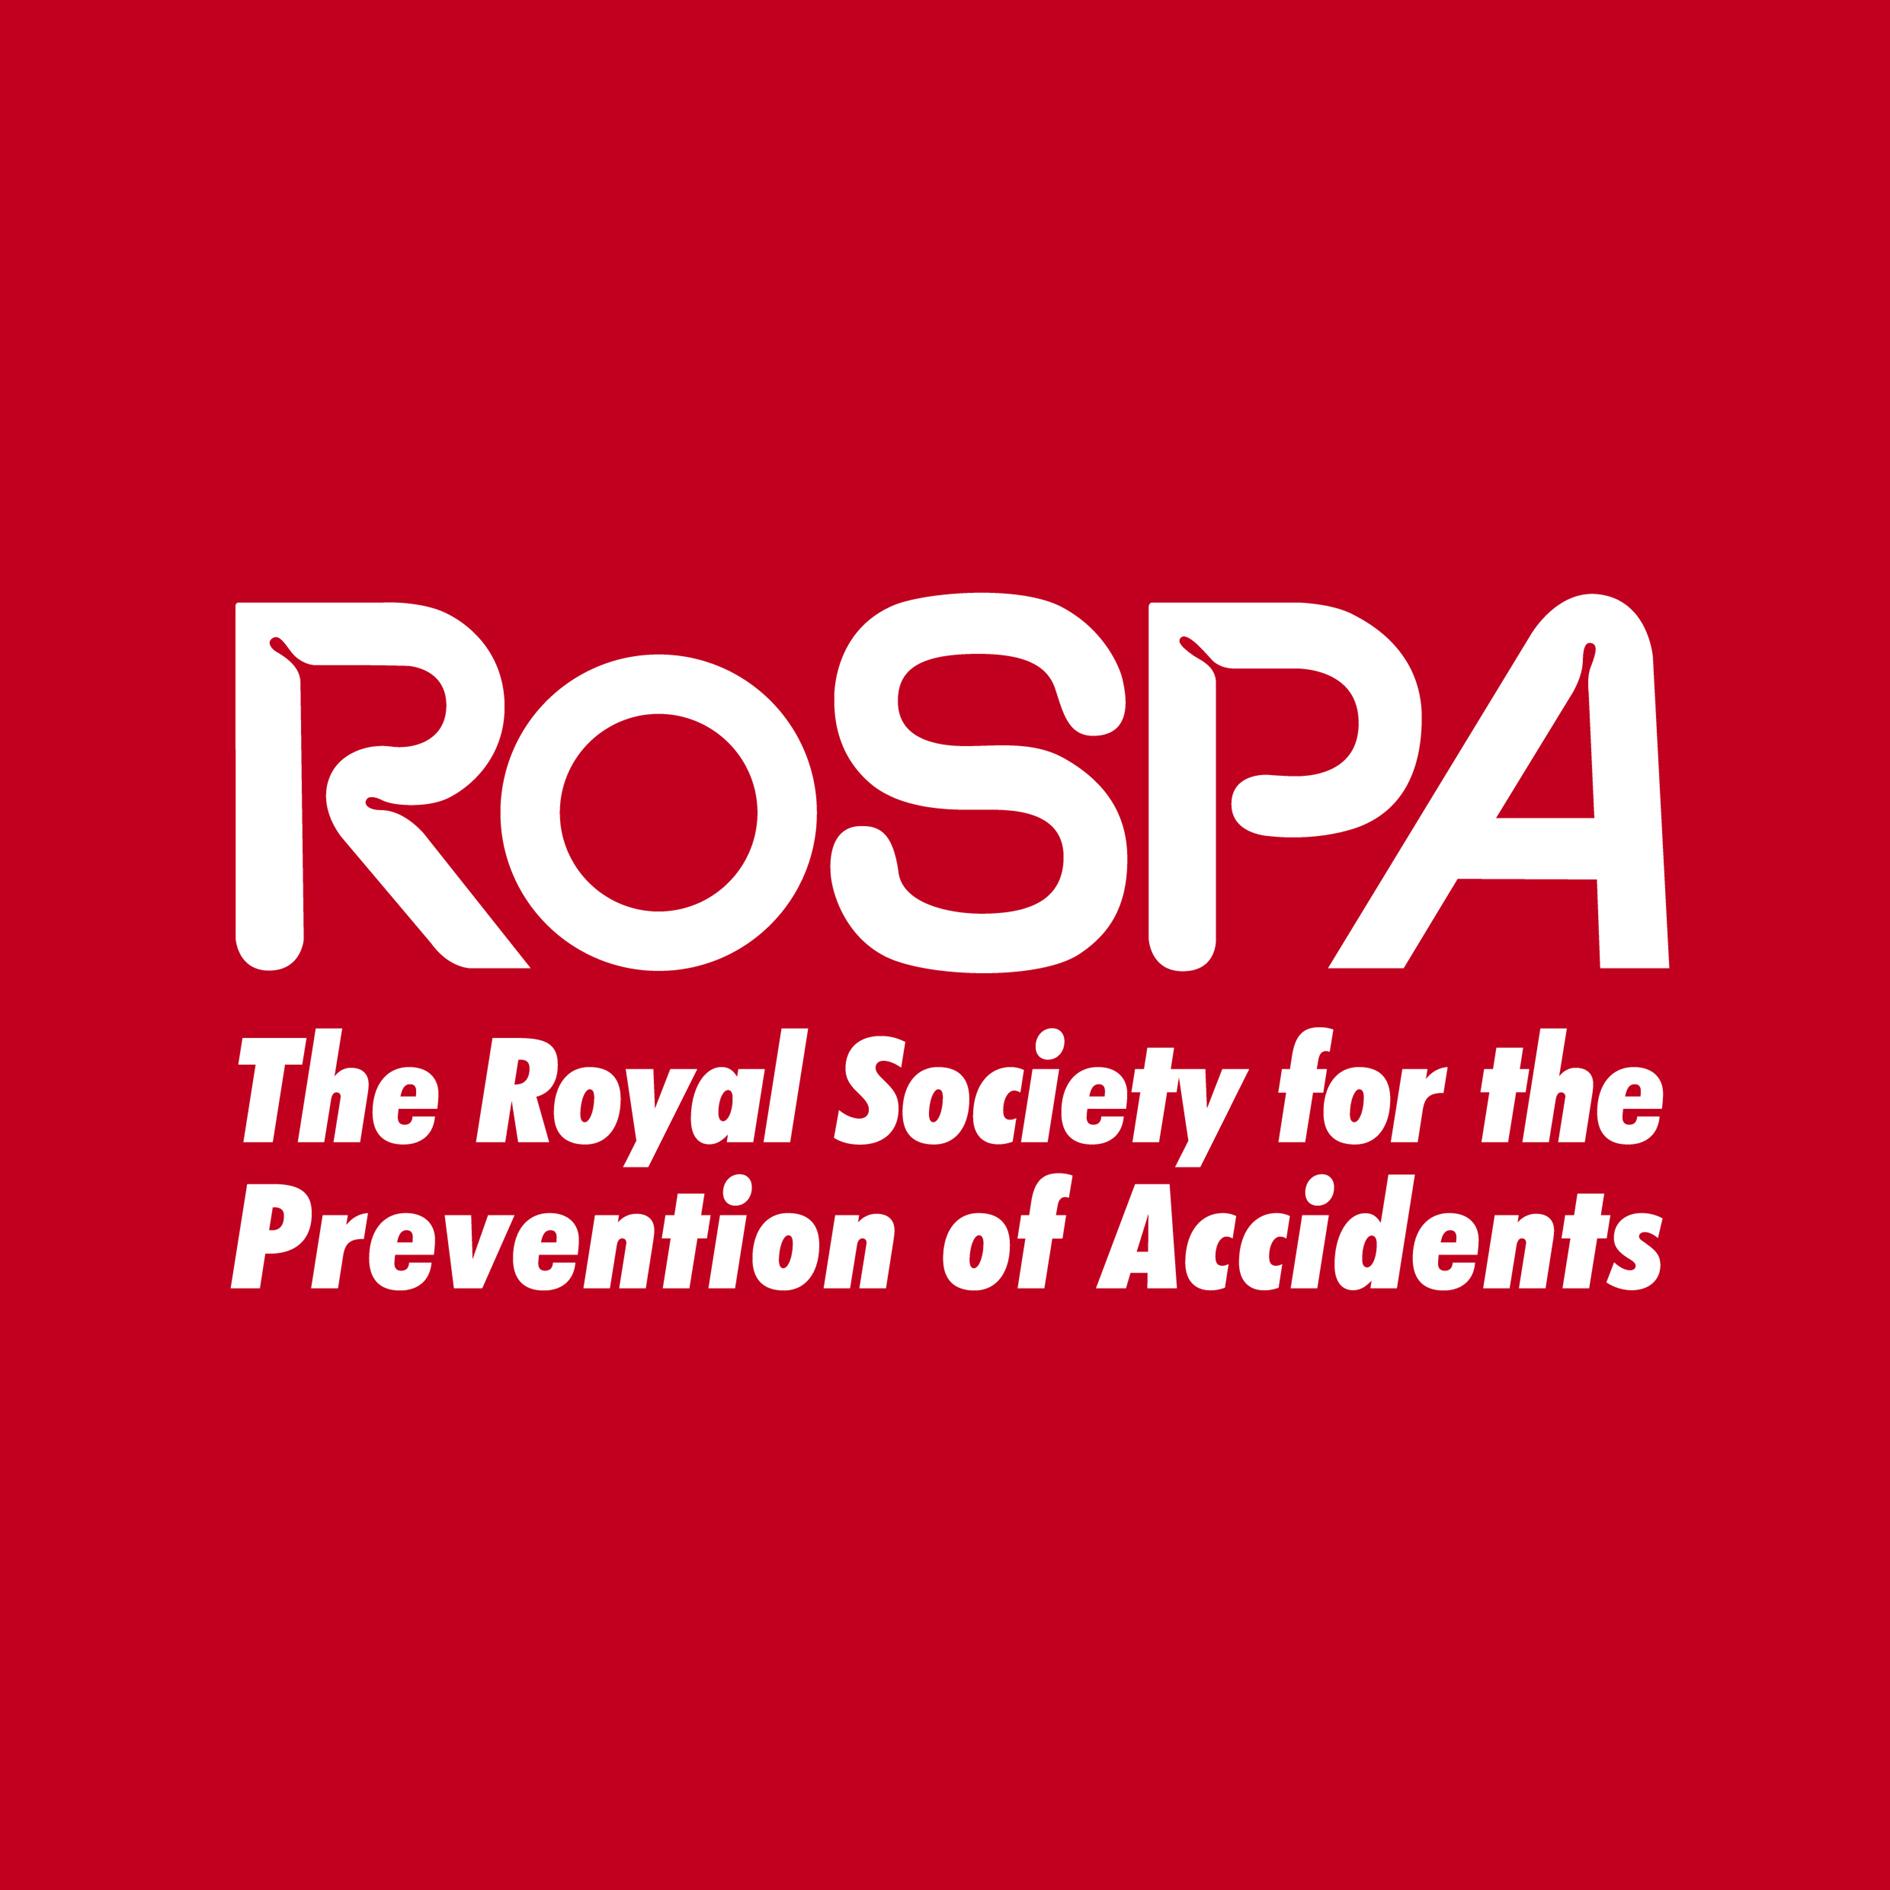 rospa_logo